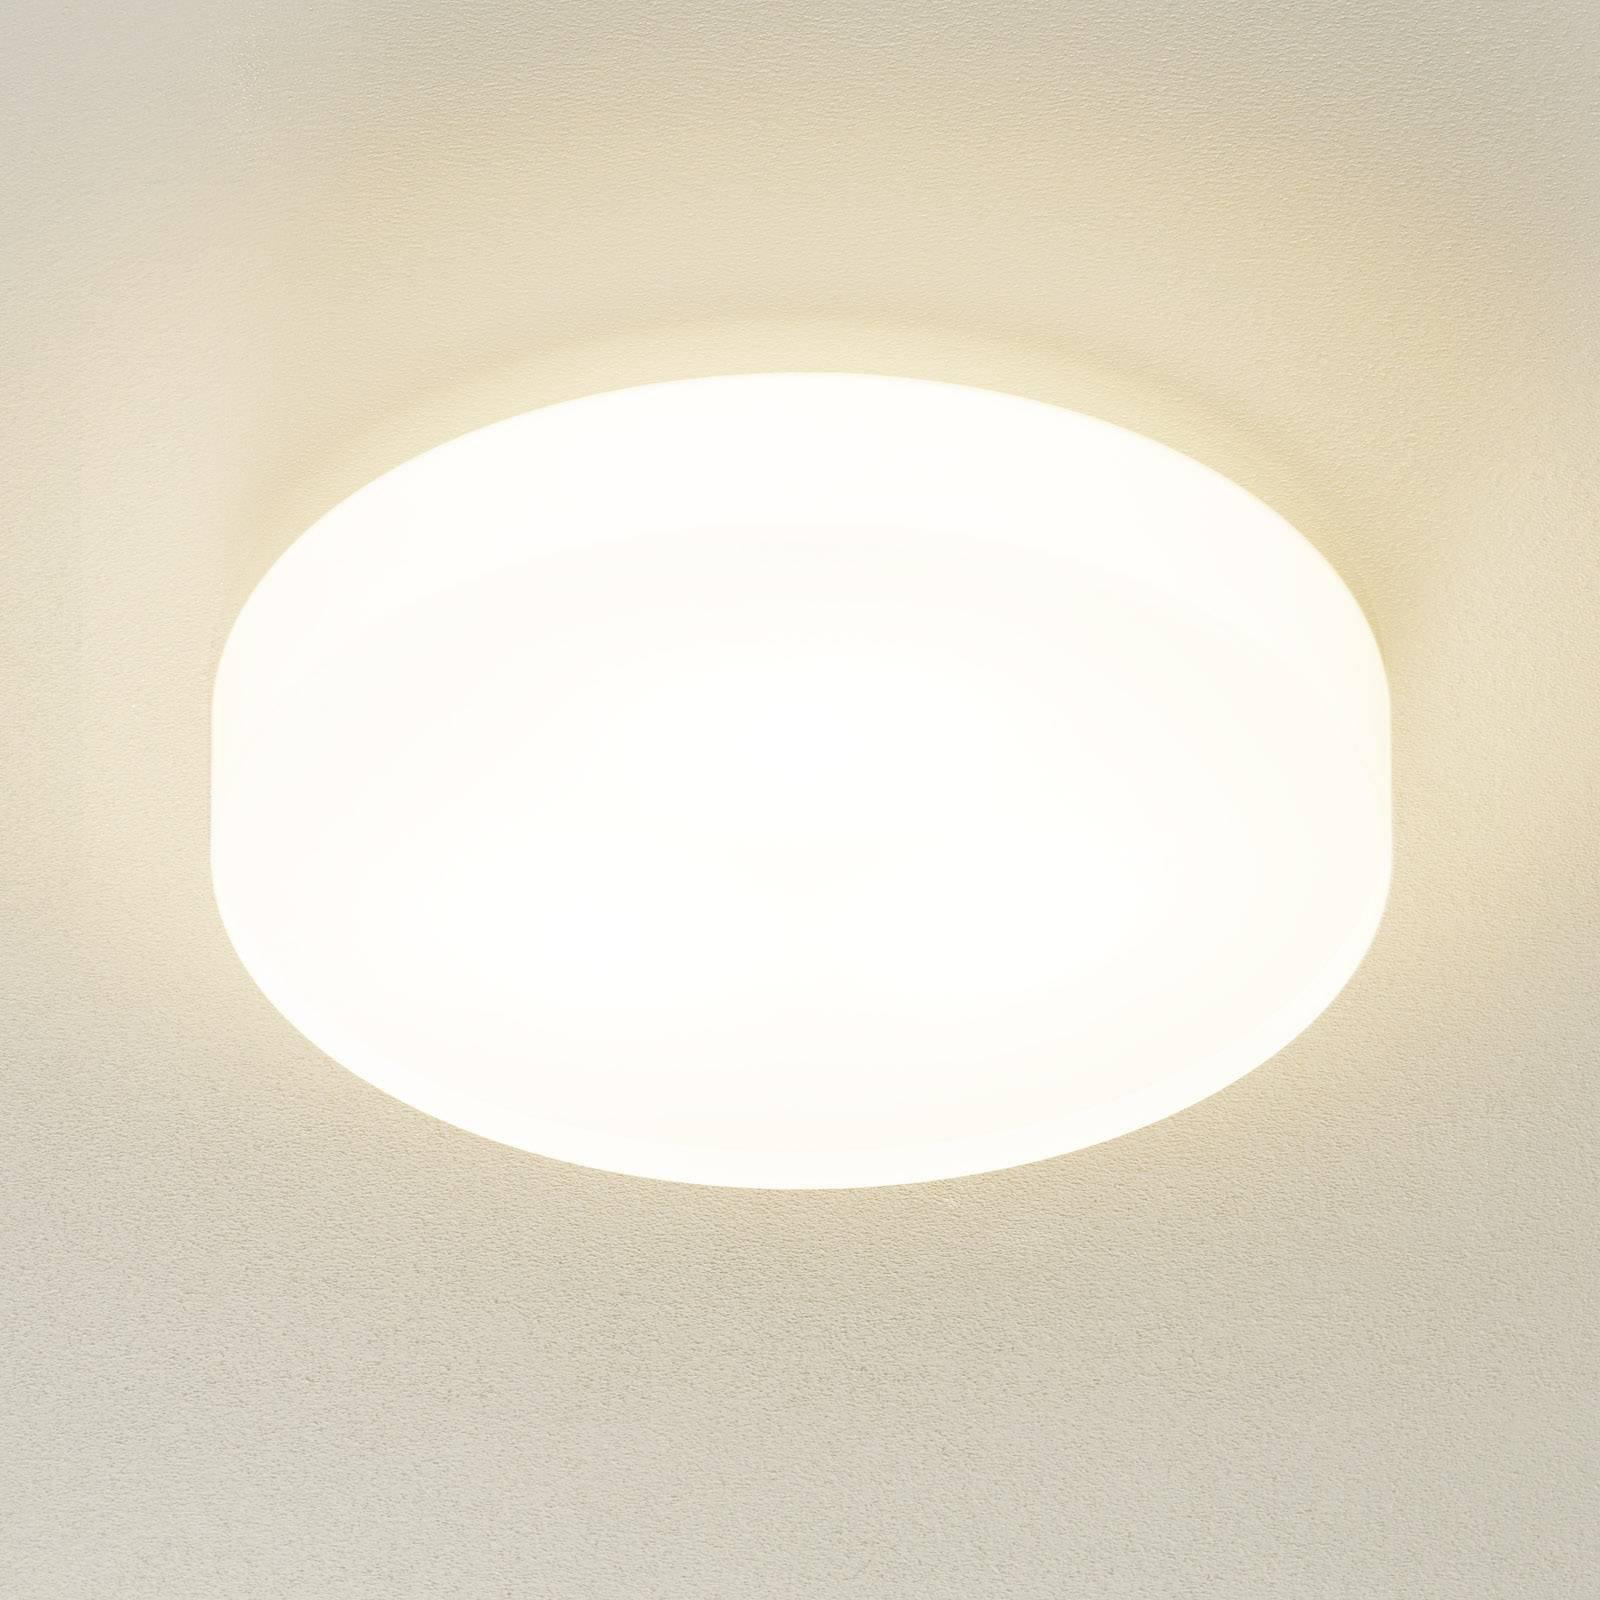 BEGA 89766 LED-taklampe 3 000 K E27 hvit Ø 47 cm